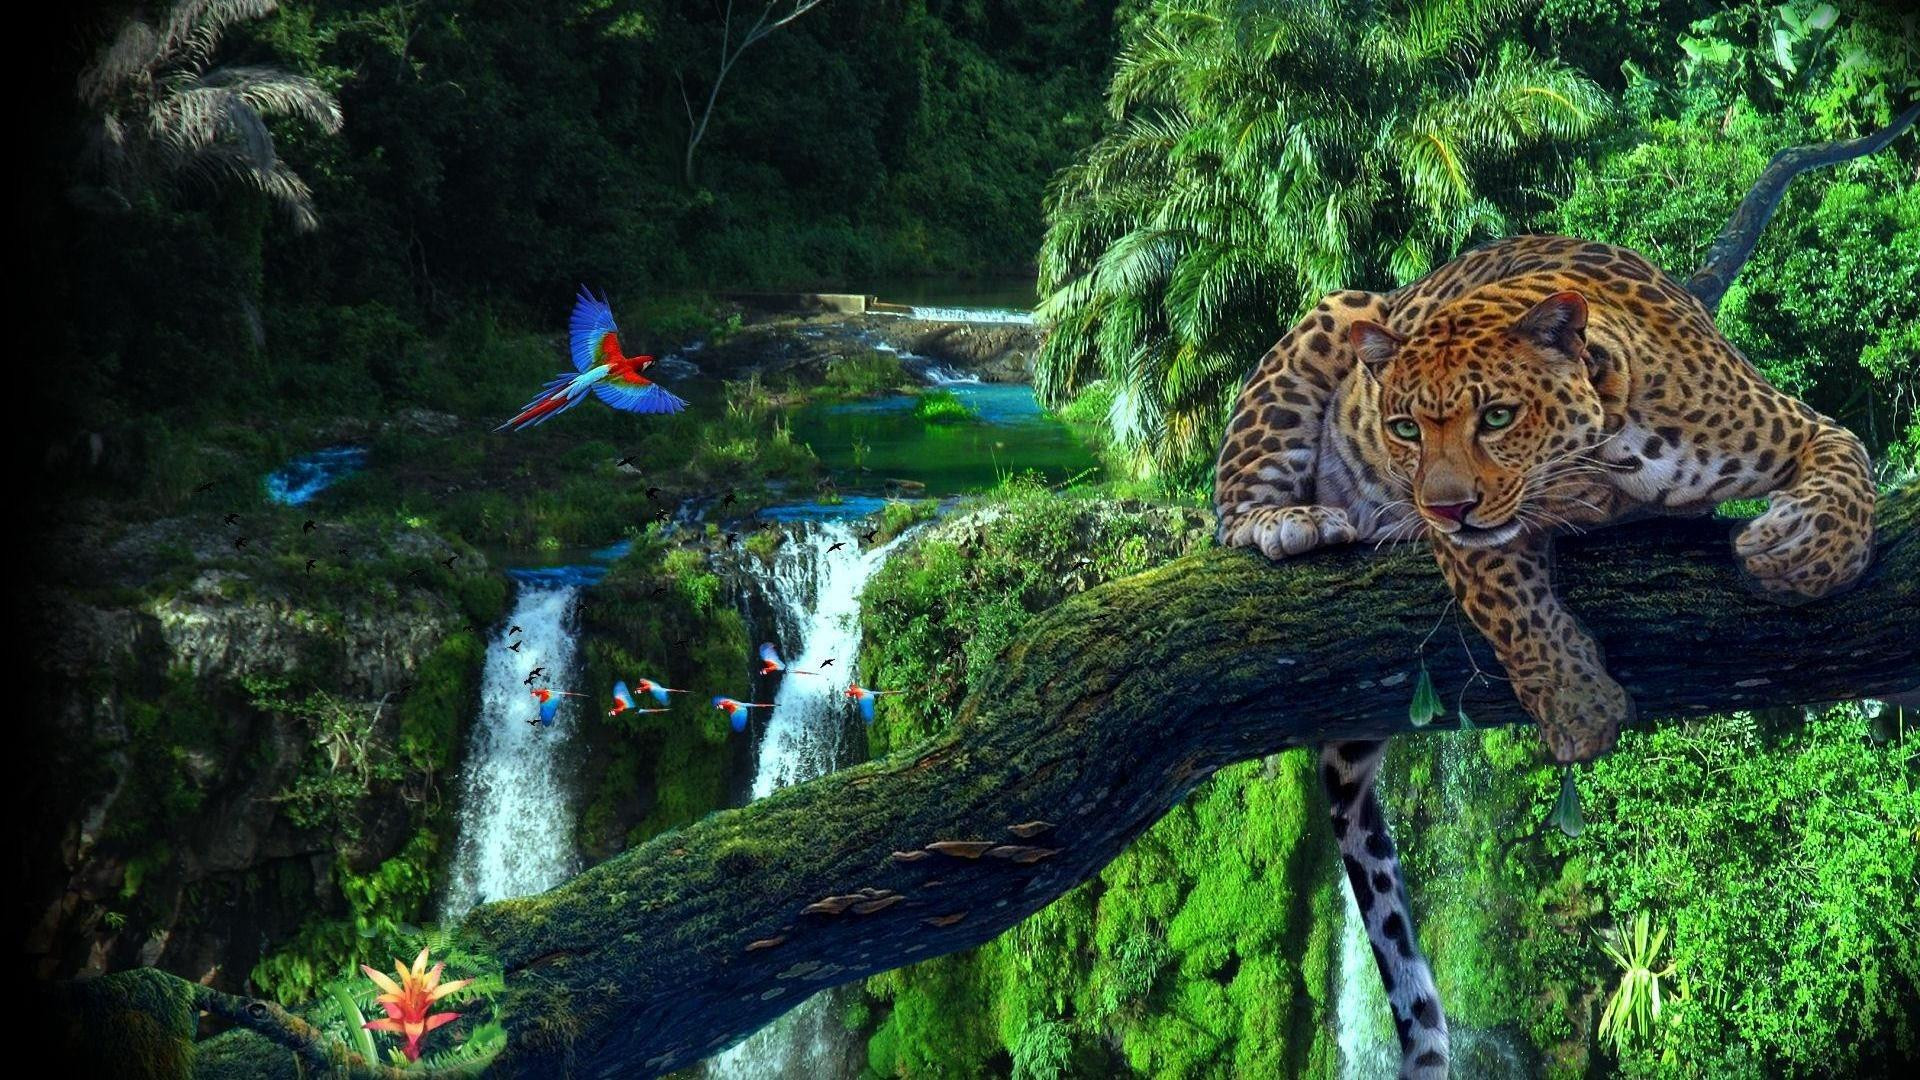 Amazon Rainforest Wallpaper 69 Images